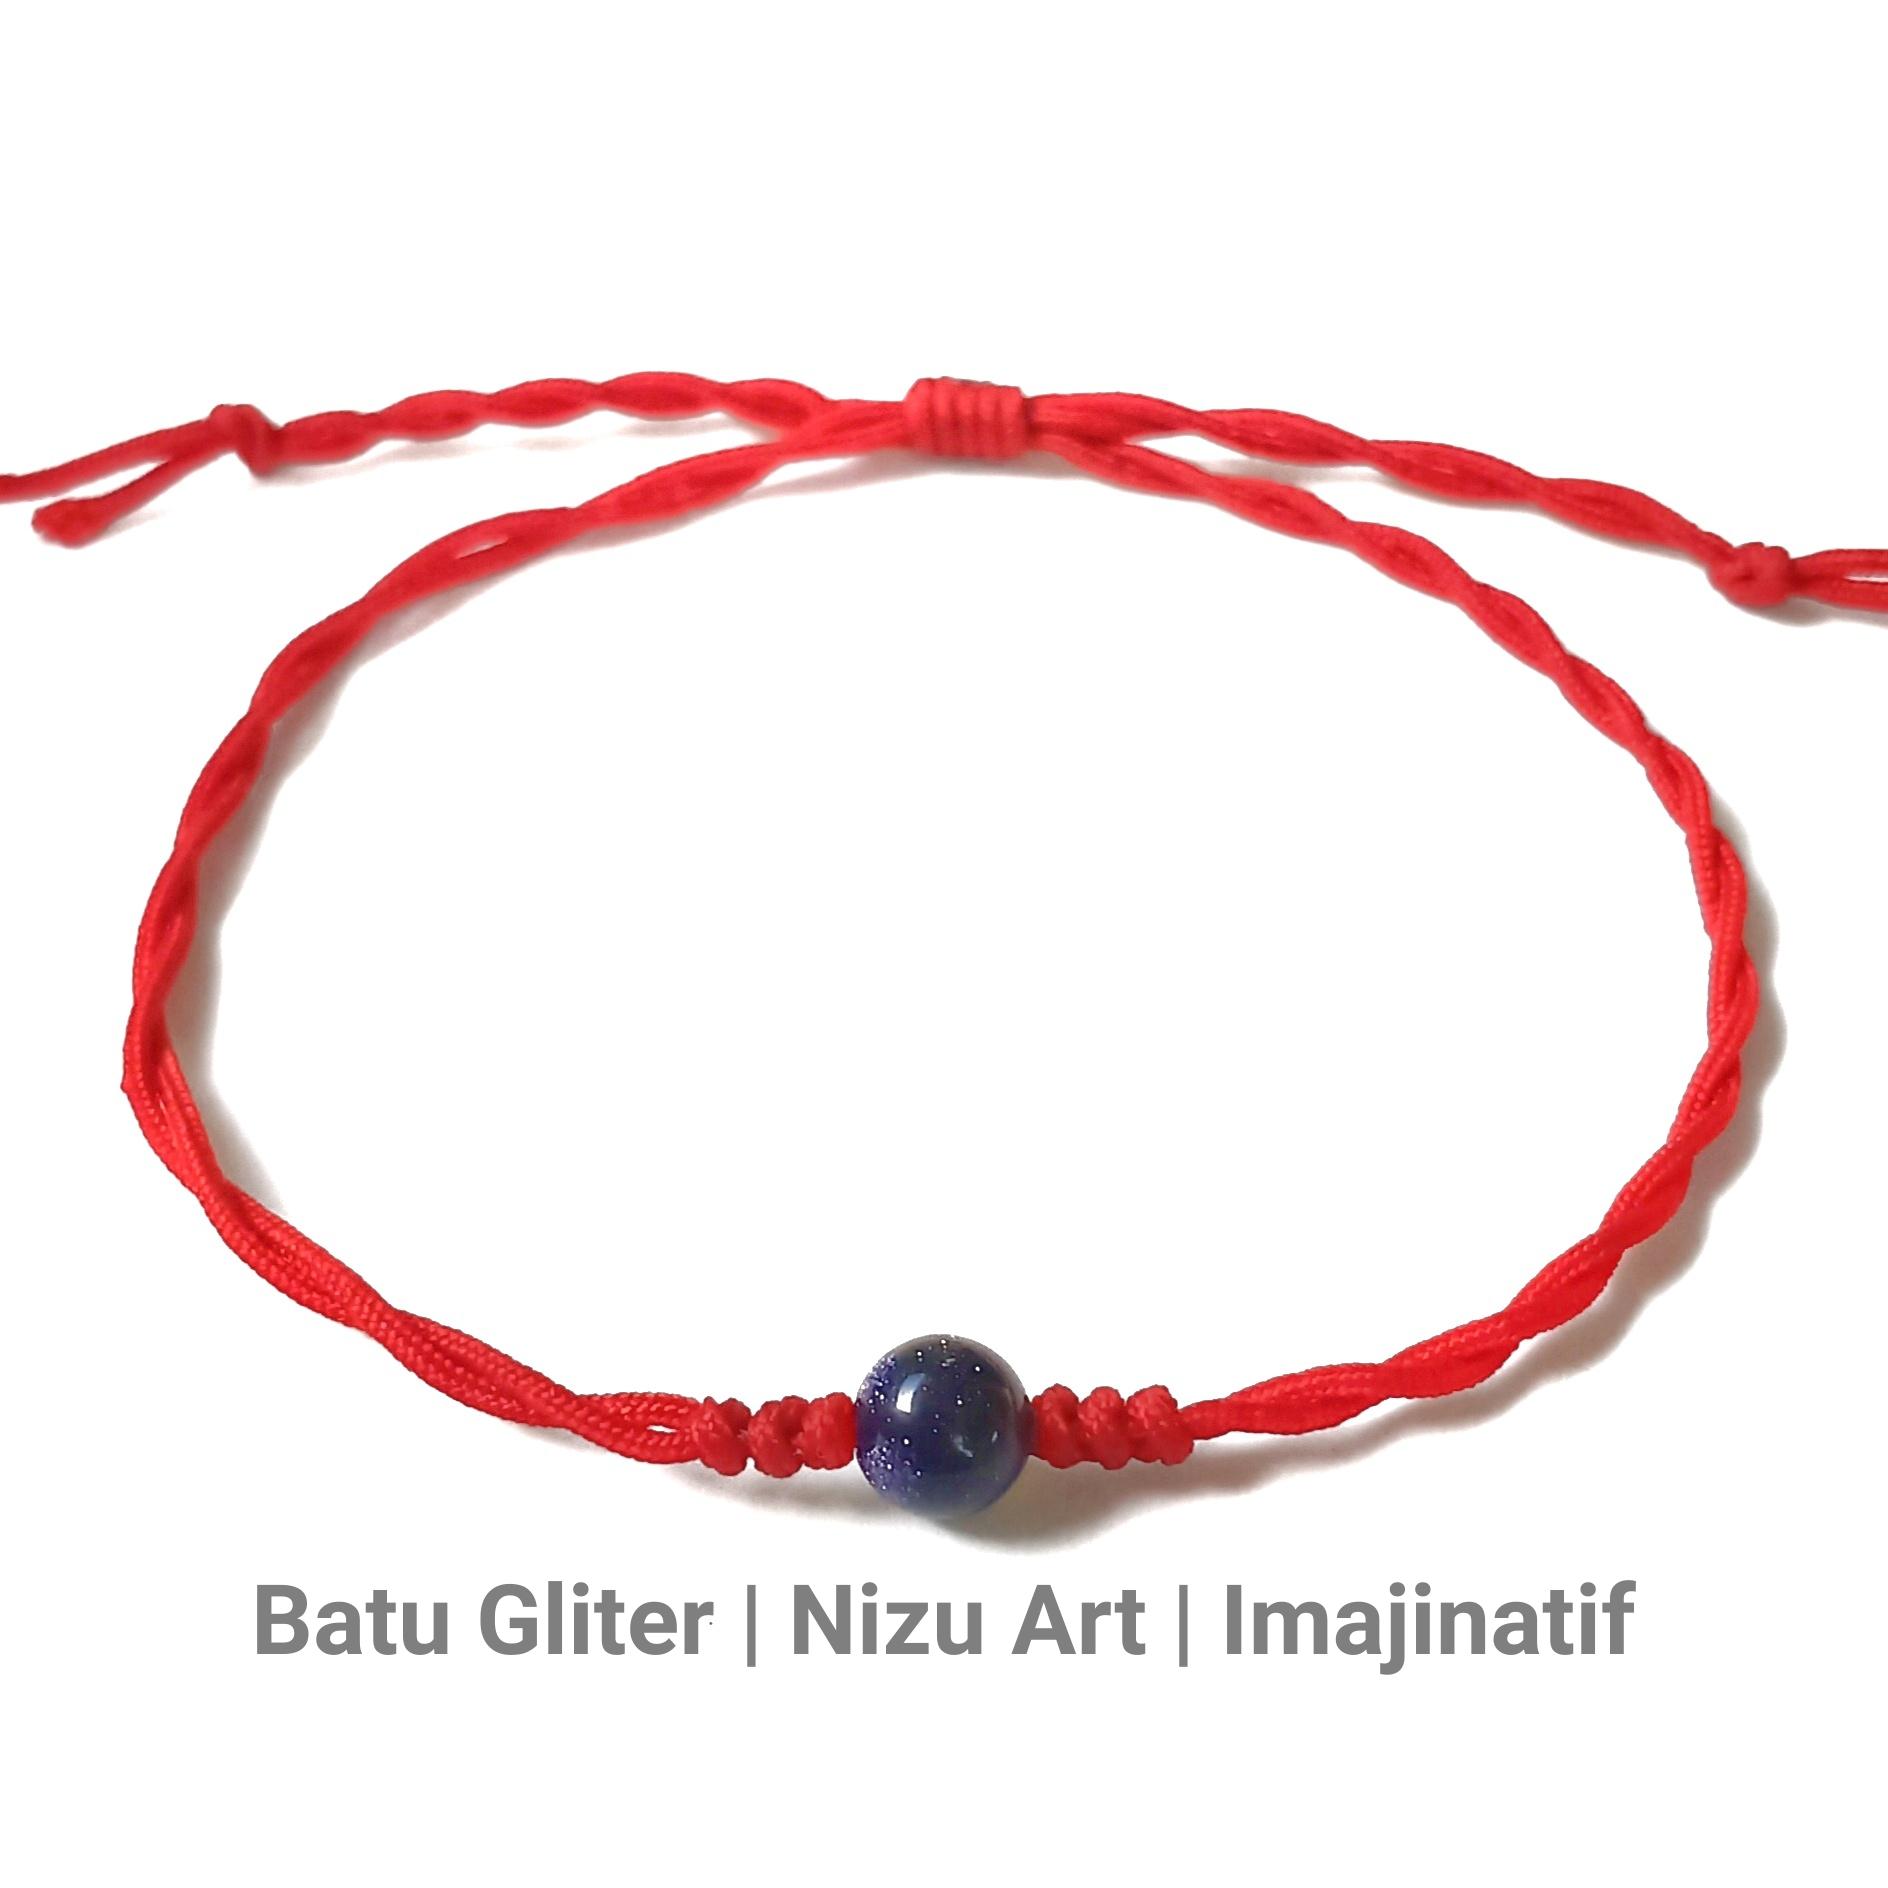 gelang batu alam gliter tali giok etnik handmade pria wanita couple